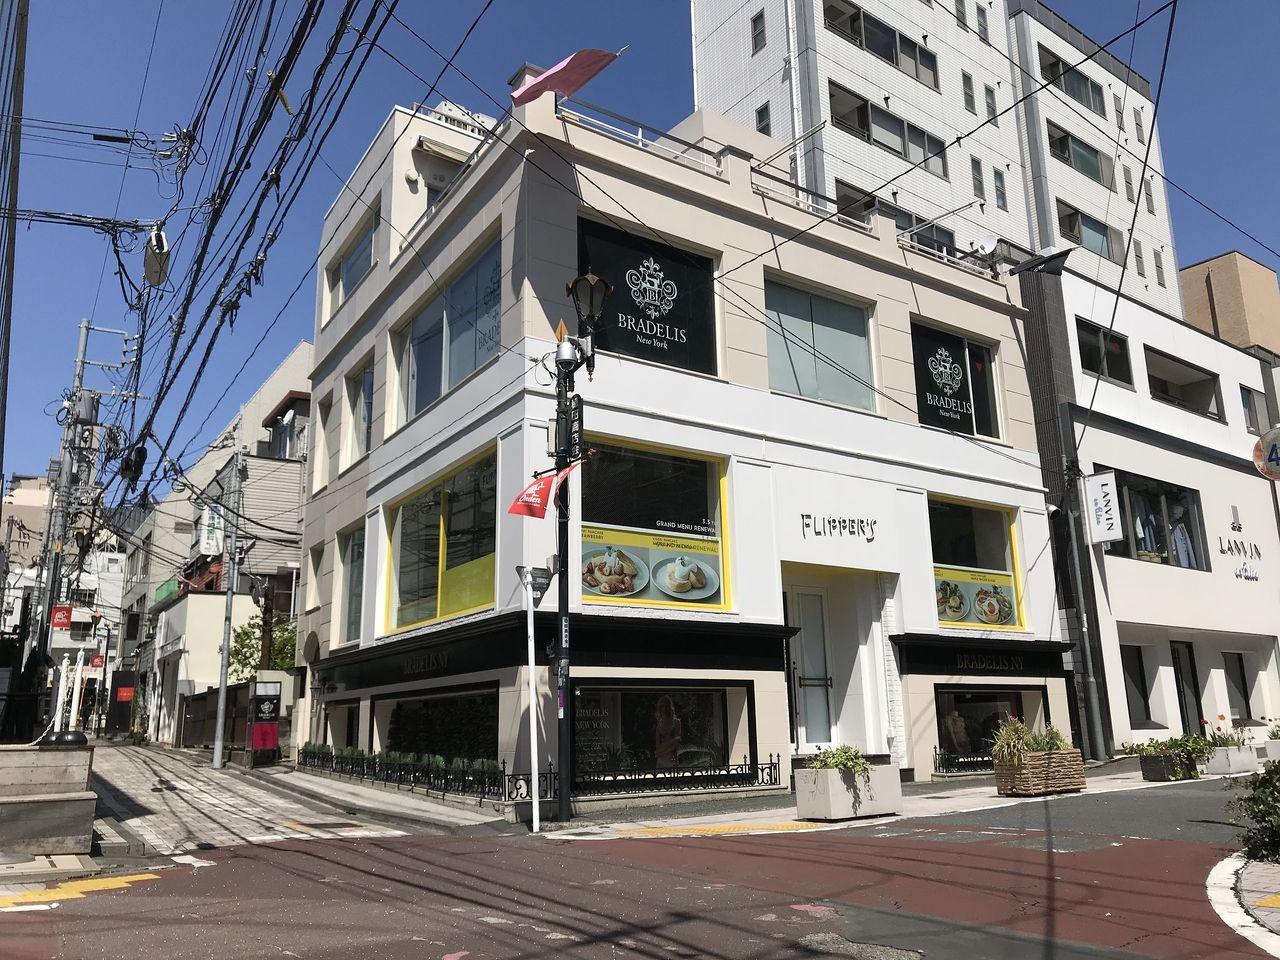 千代田線明治神宮前駅徒歩3分キャットストリート沿い売り店舗ビルガーデンテラス